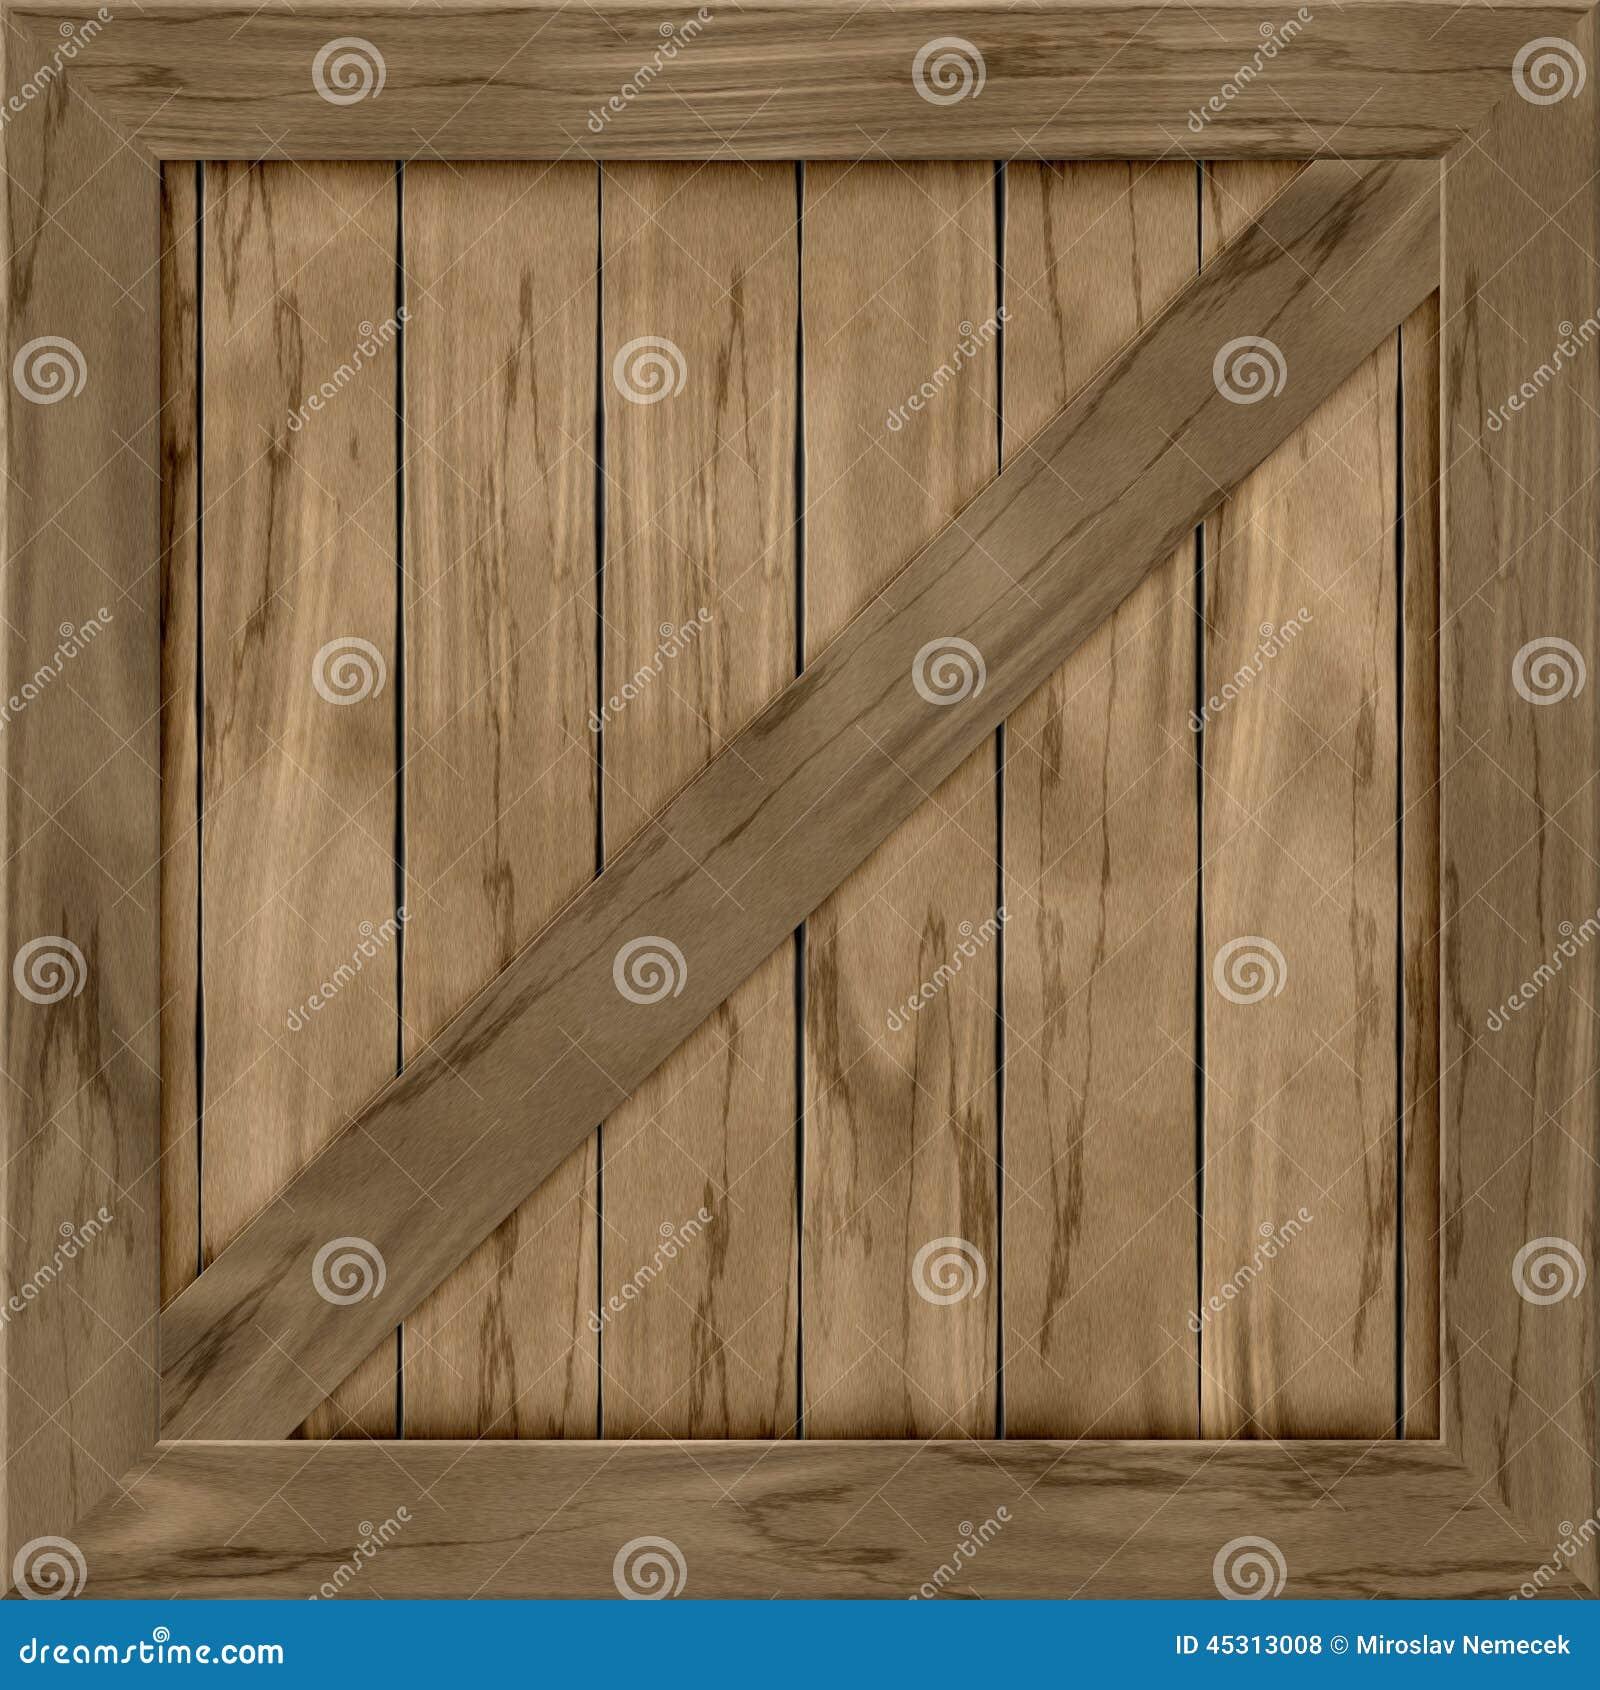 la caisse en bois produite loue la texture illustration stock image 45313008. Black Bedroom Furniture Sets. Home Design Ideas